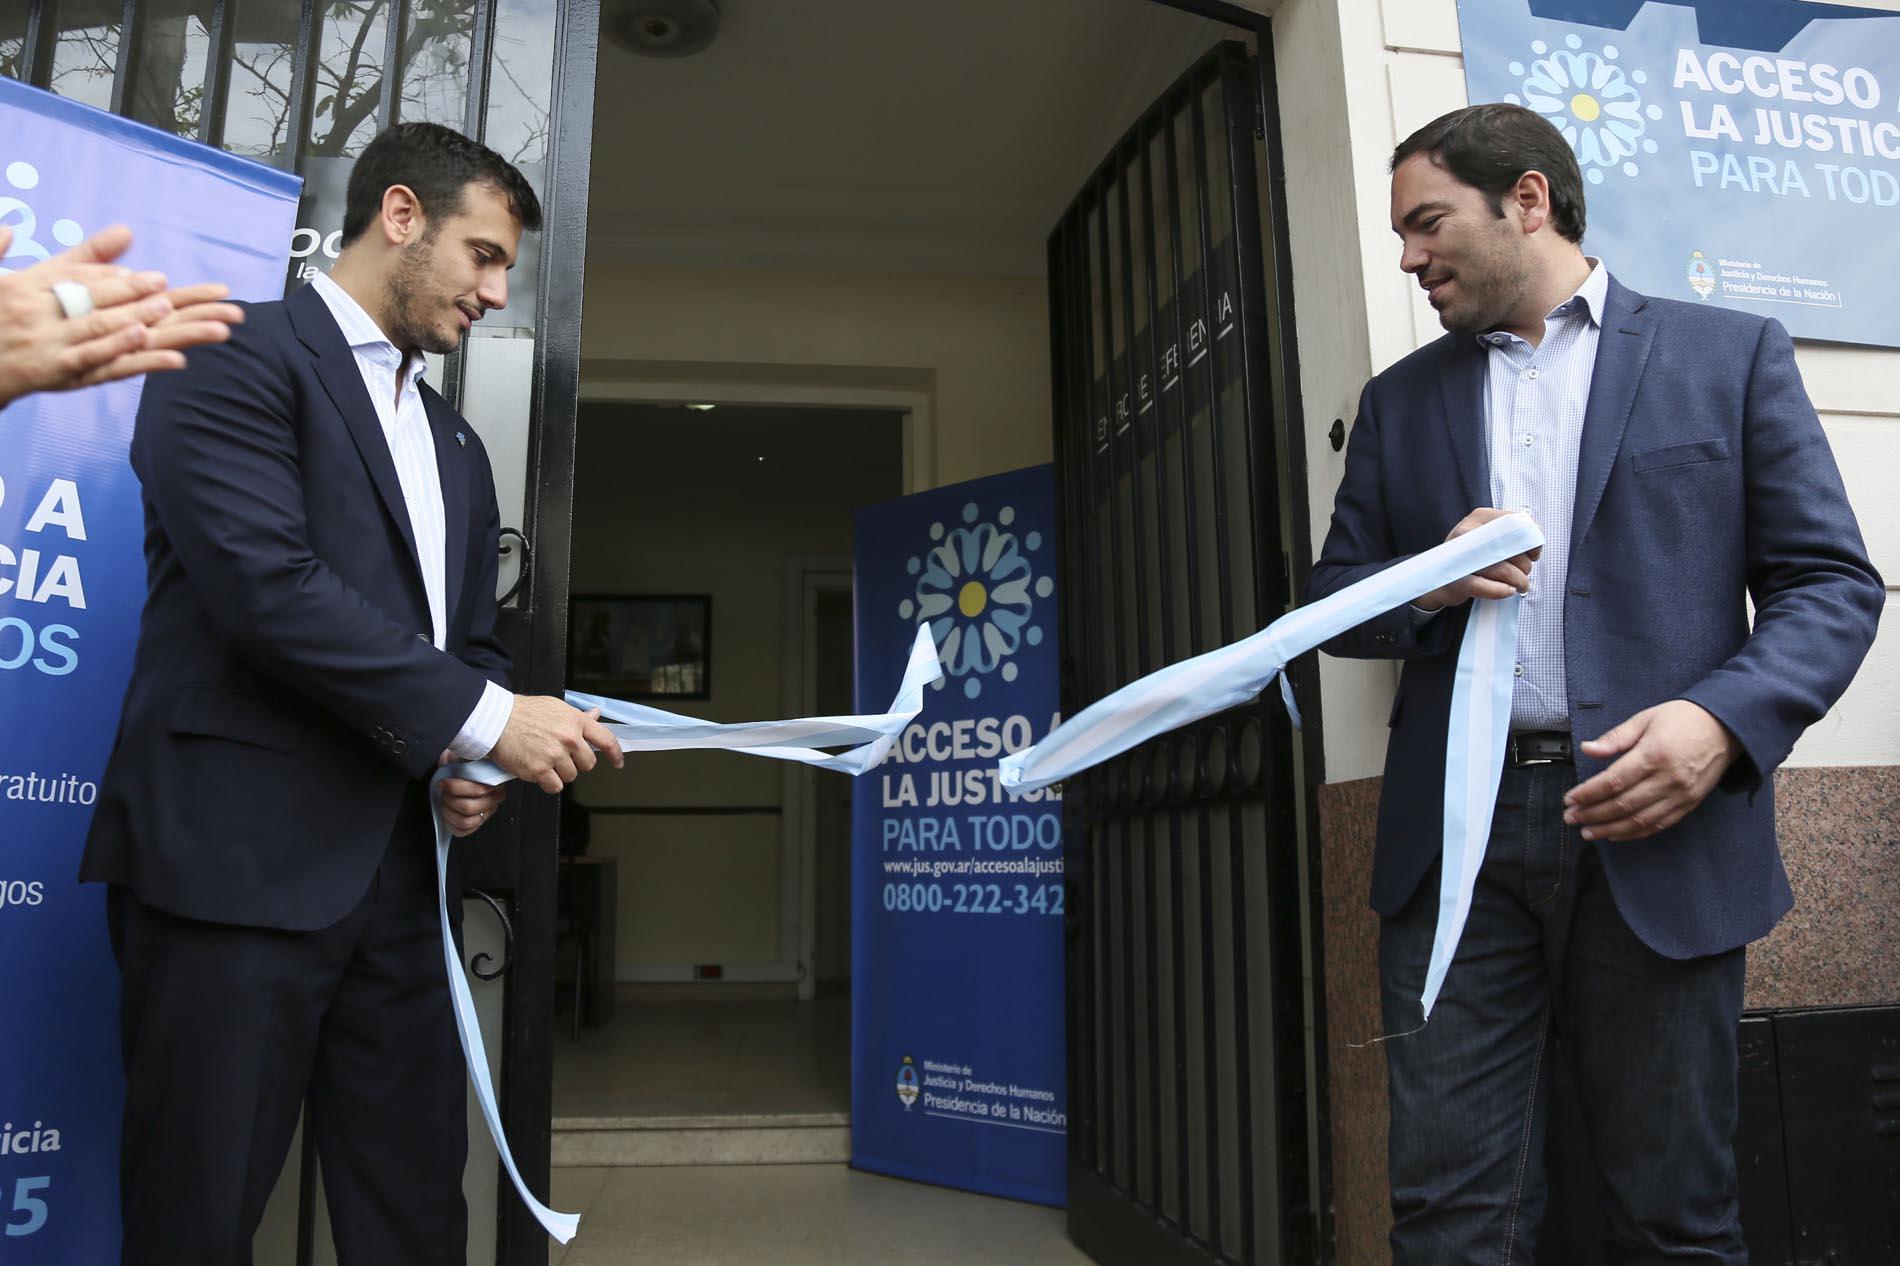 Álvarez y Molle inauguraron un Centro de Acceso a la Justicia en San Fernando